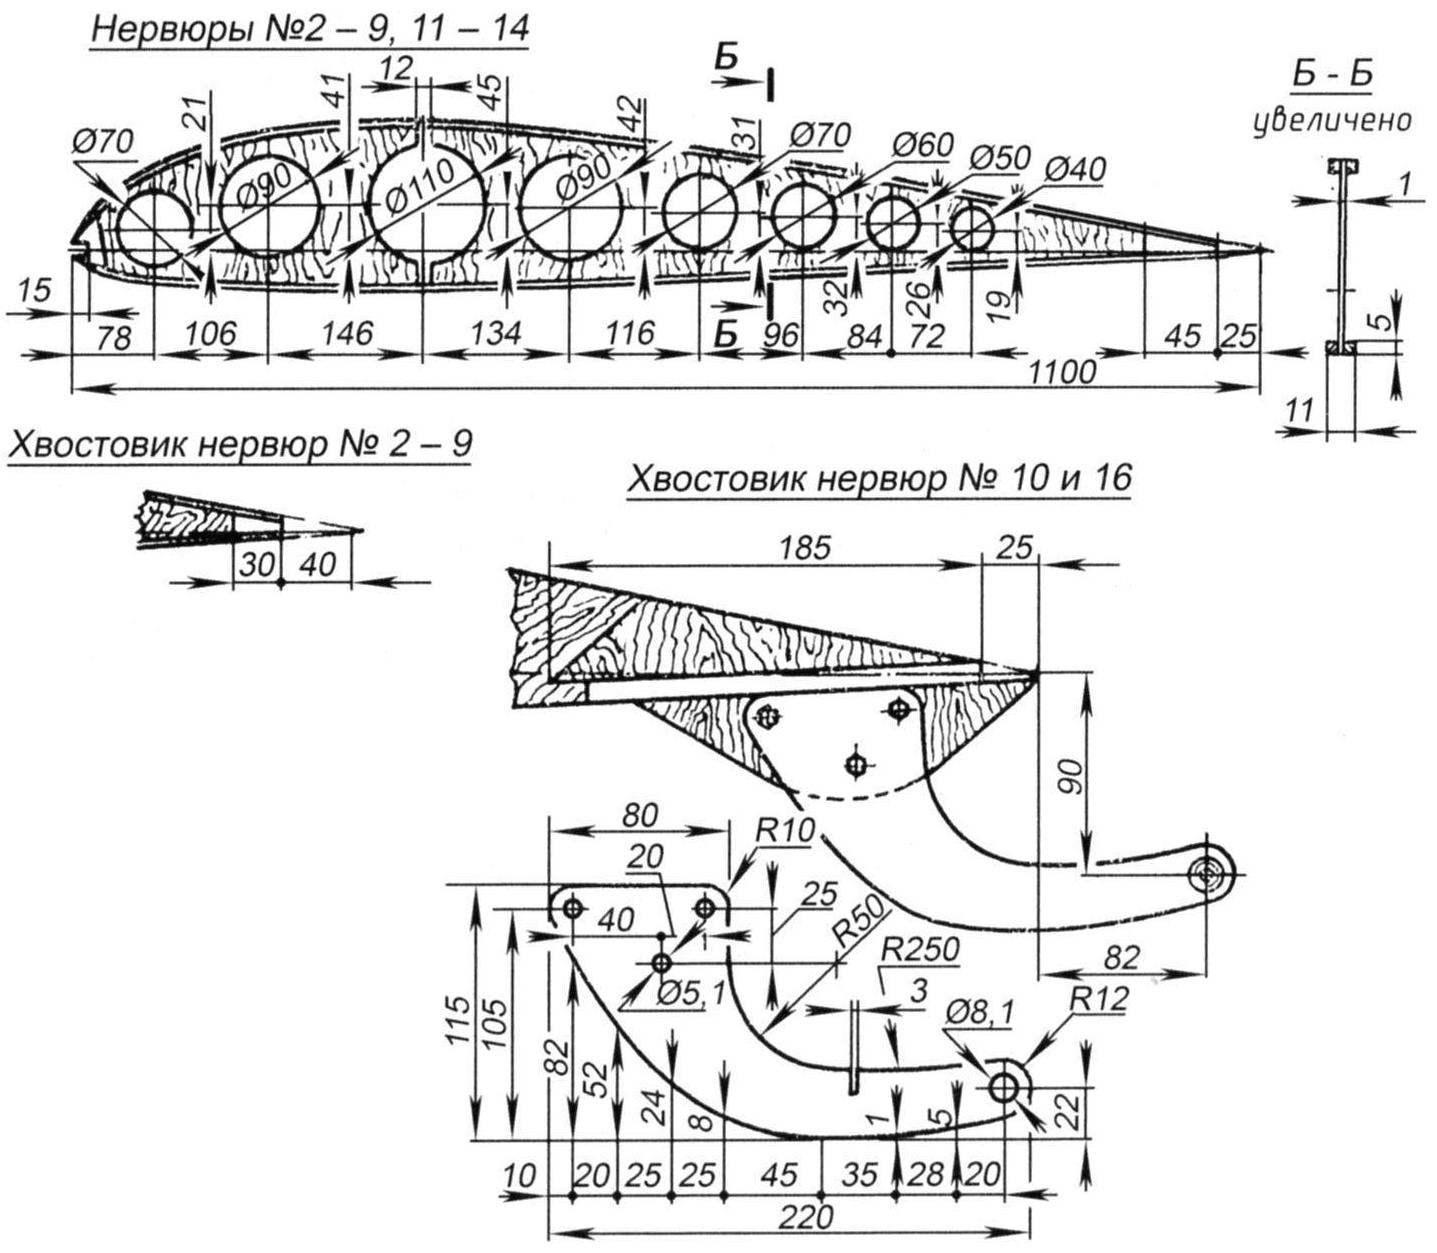 Нервюры крыла и элерона, взаимоположение крыла и элерона